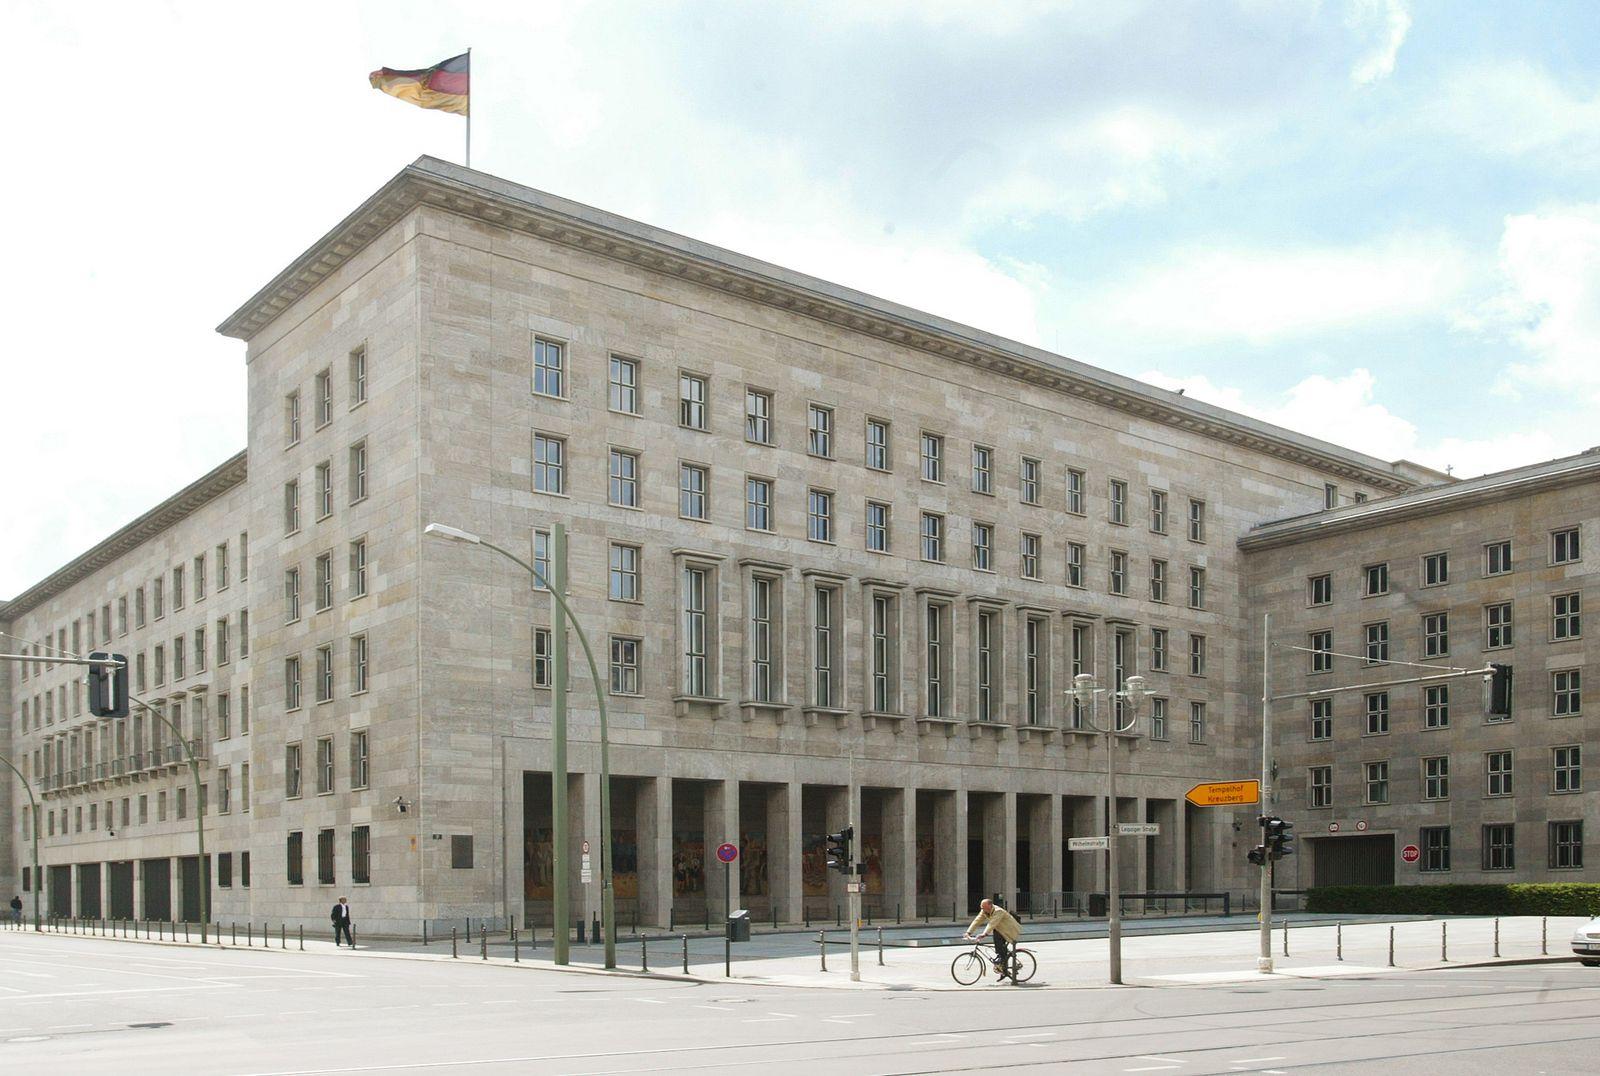 Bundesfinanzministerium / Finanzministerium